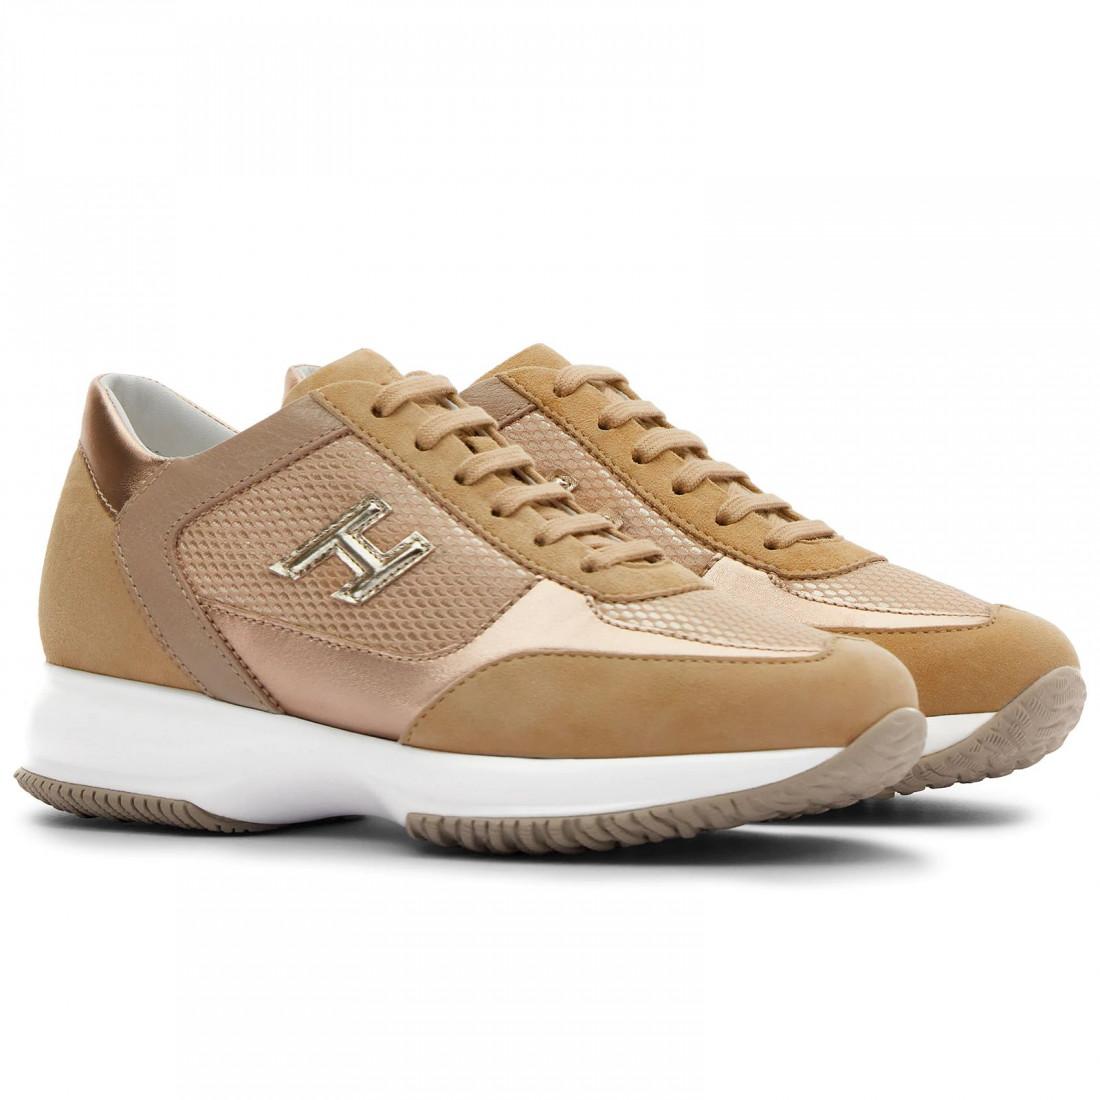 sneakers donna hogan hxw00n0bh50p960rae 8156